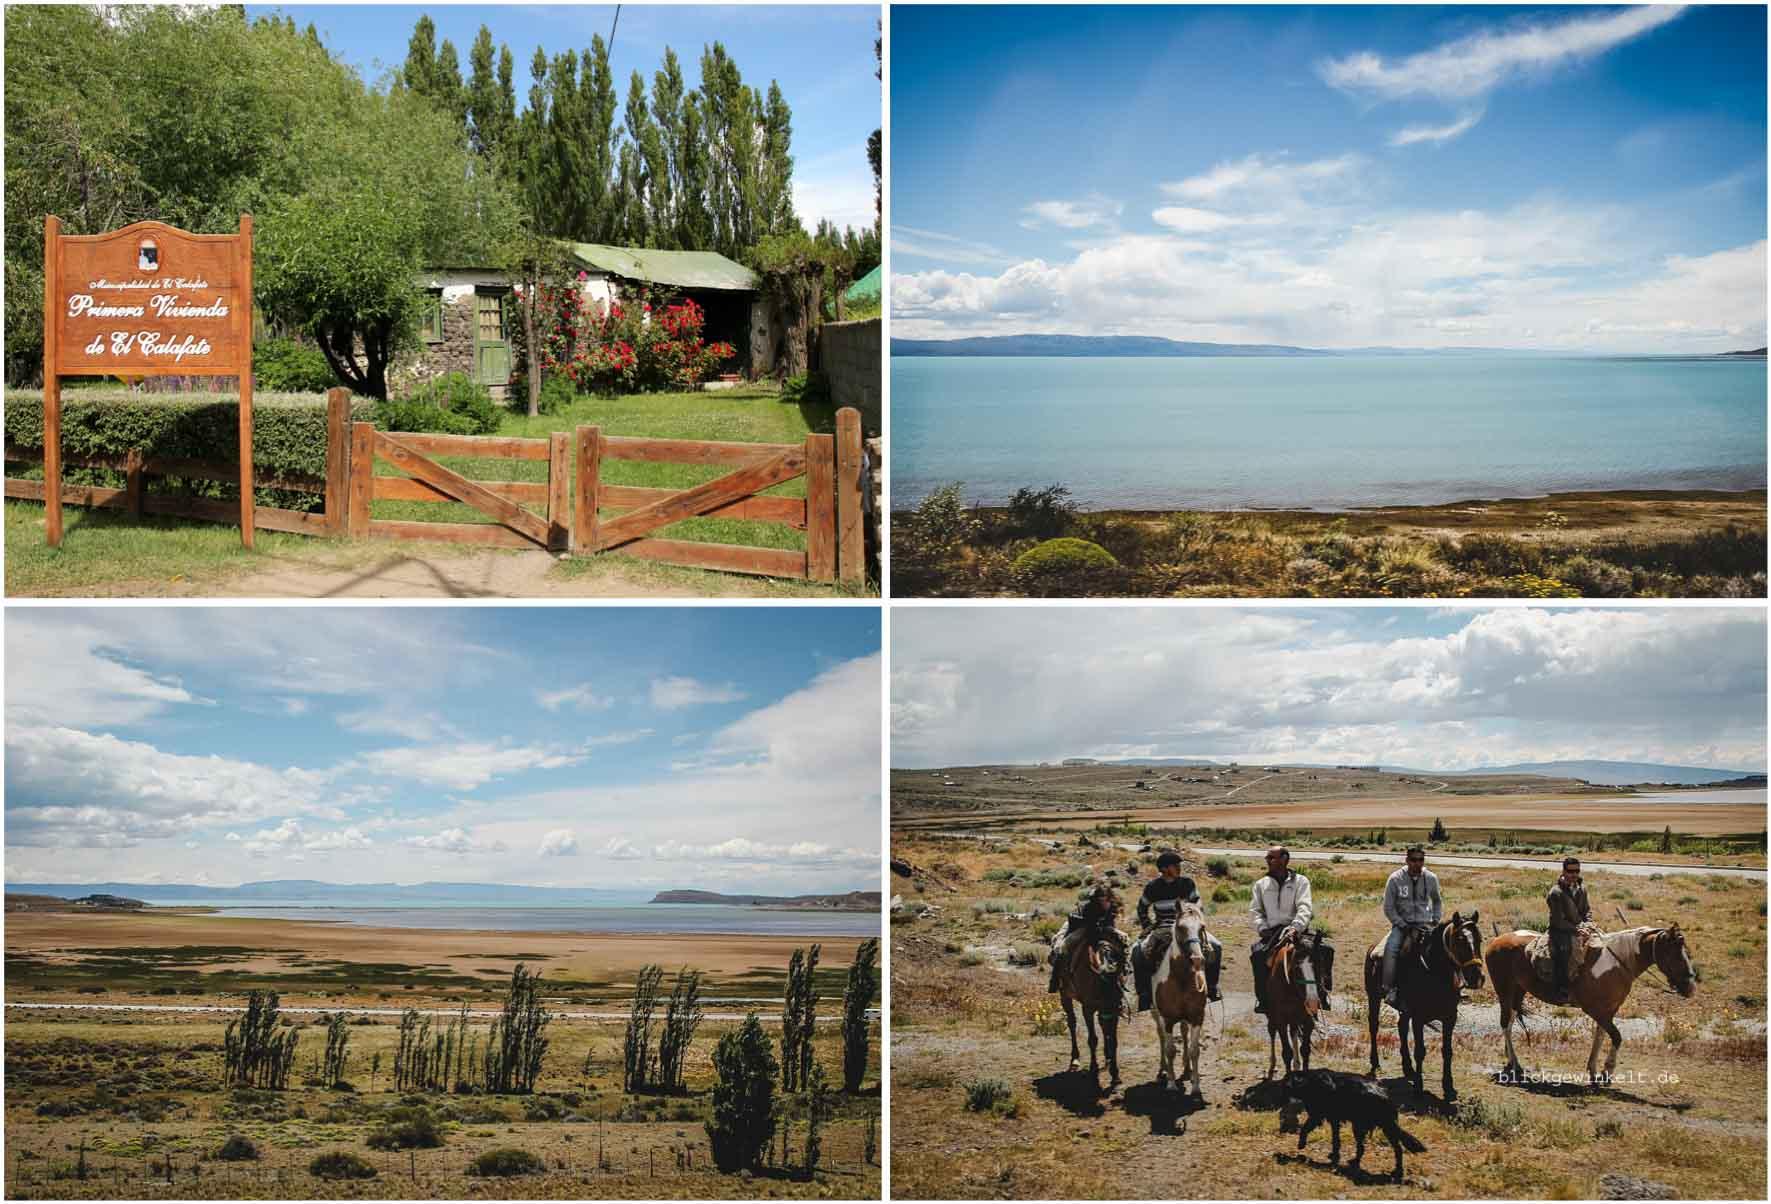 El Calafate in Argentinien: Gletscherfarbener Lago Argentino, die Pampa, ein paar Gauchos.